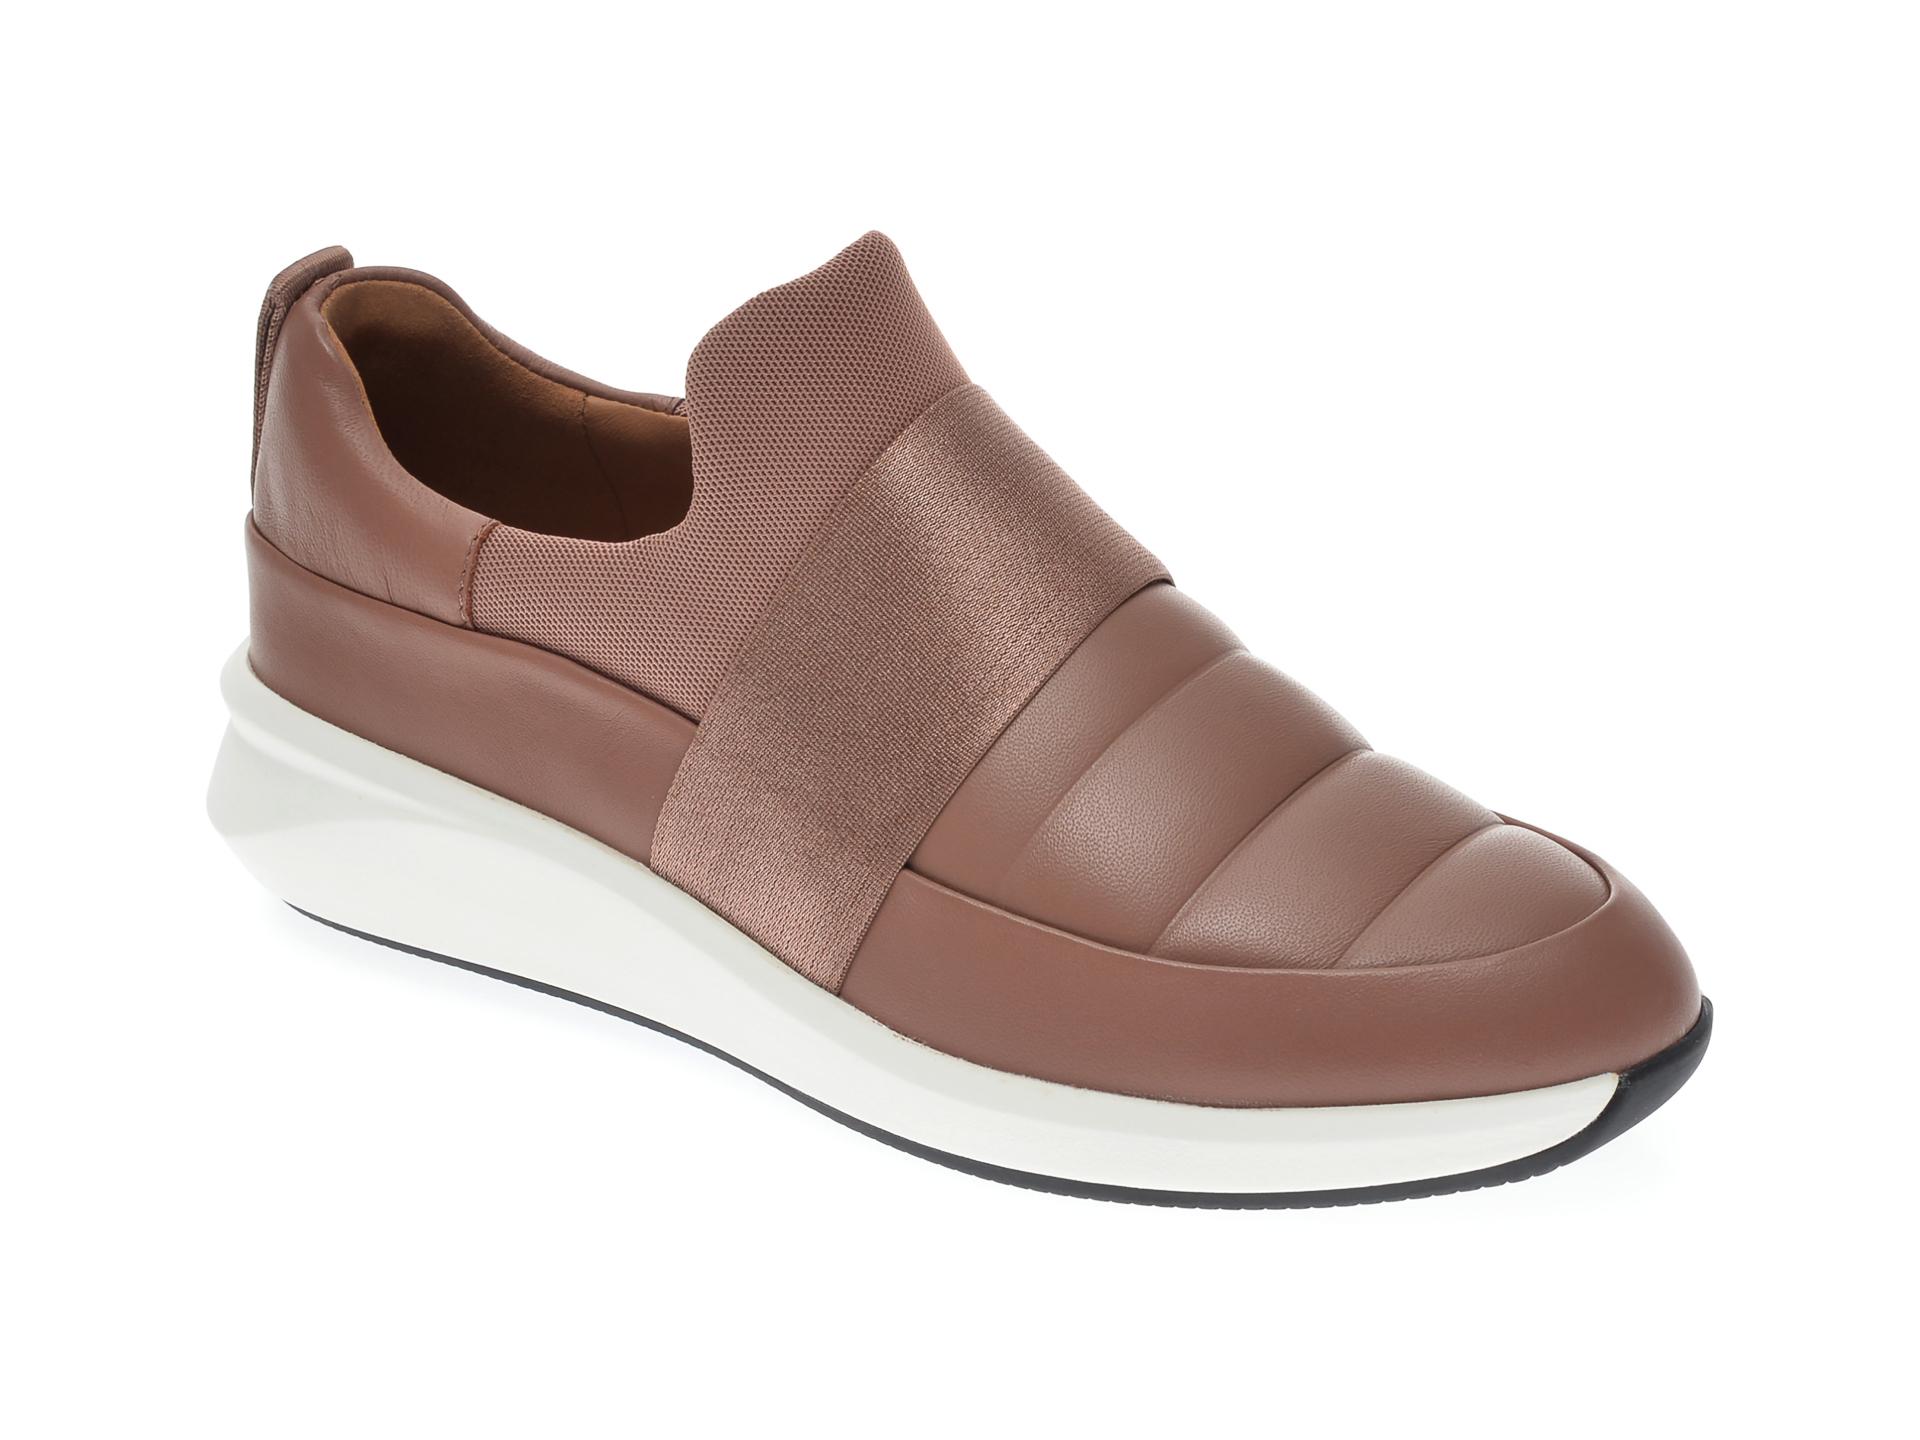 Pantofi CLARKS nude, UN RIO LO, din piele naturala imagine